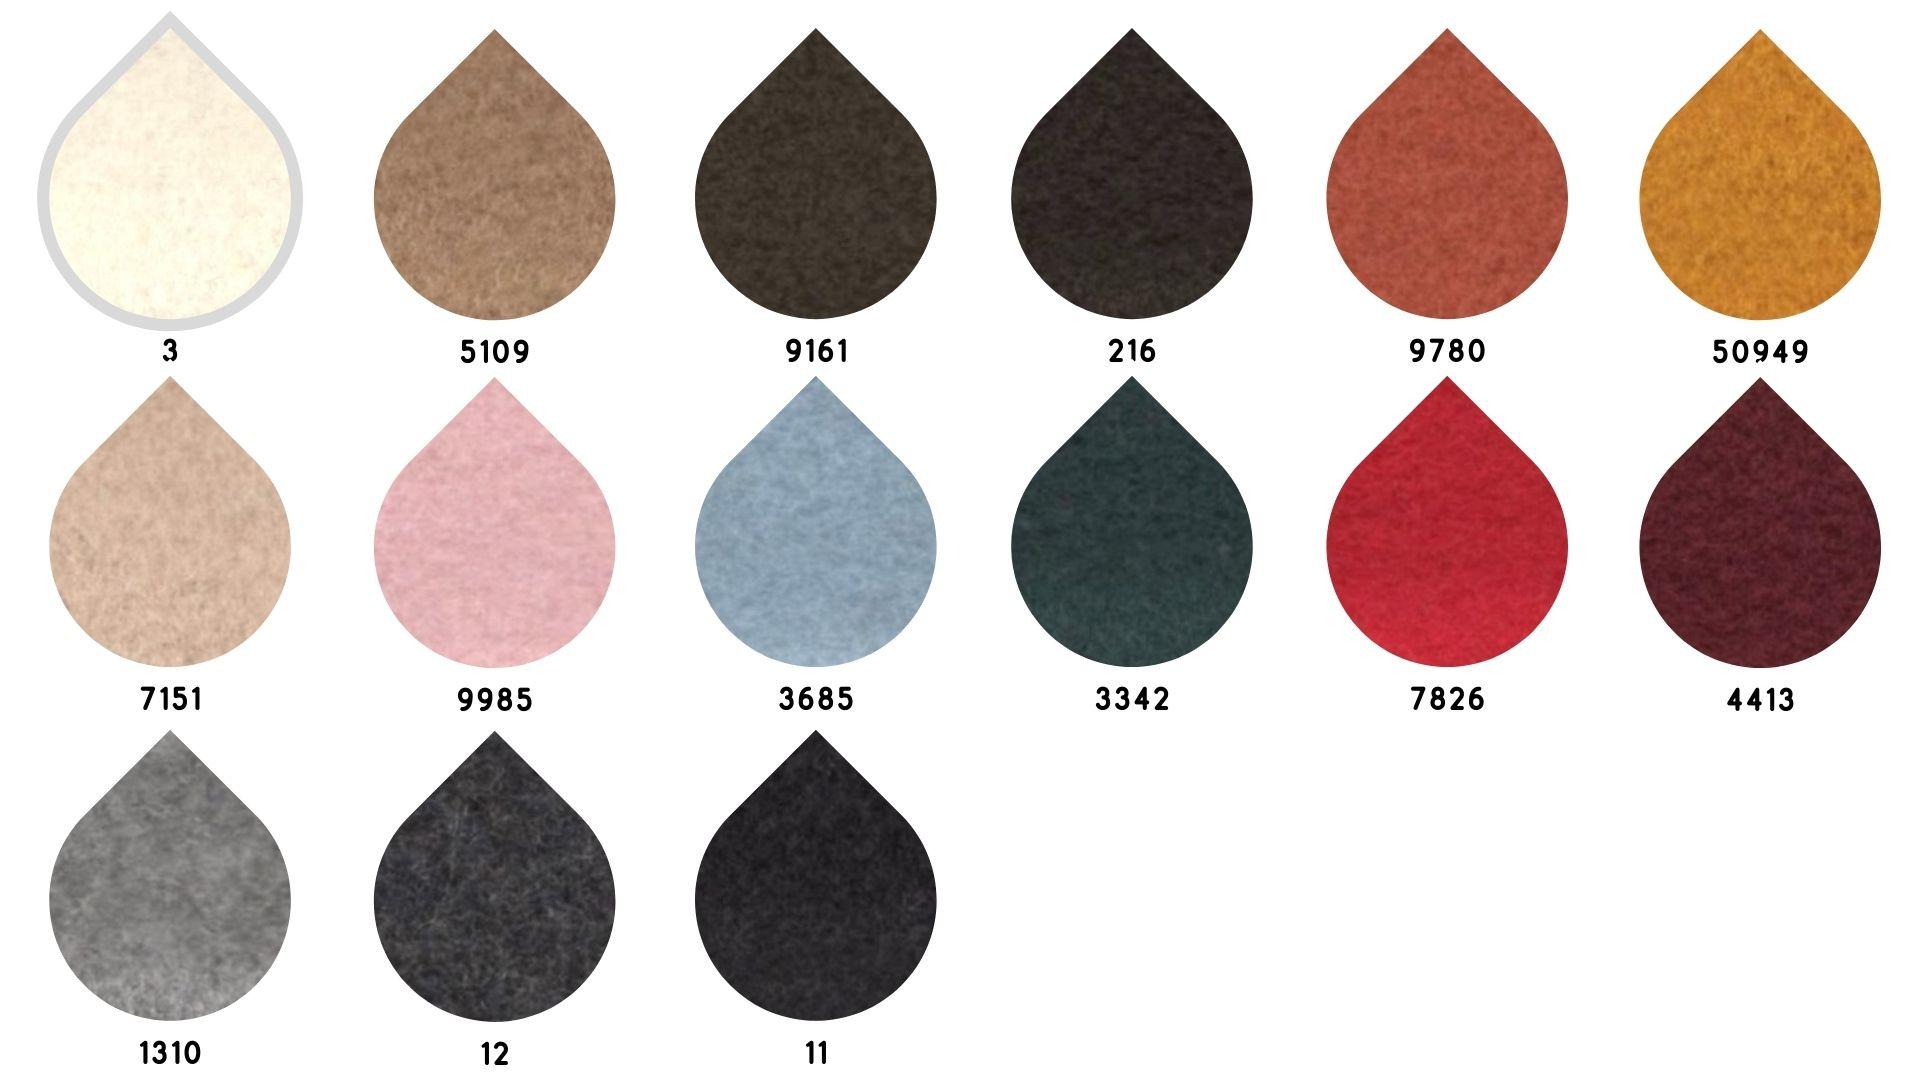 la cartella colore del tessuto 1164 di Leadford & Logan